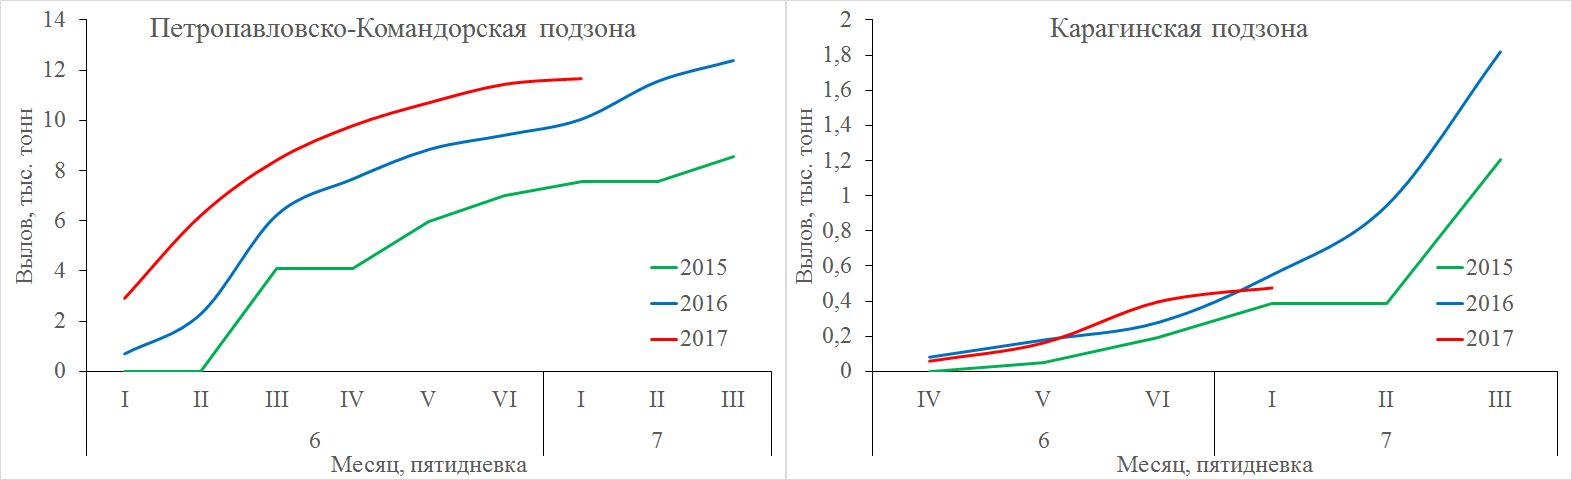 Рис. 1. Динамика вылова нерки в Петропавловско-Командорской и Карагинской подзонах в 2015–2017 гг.